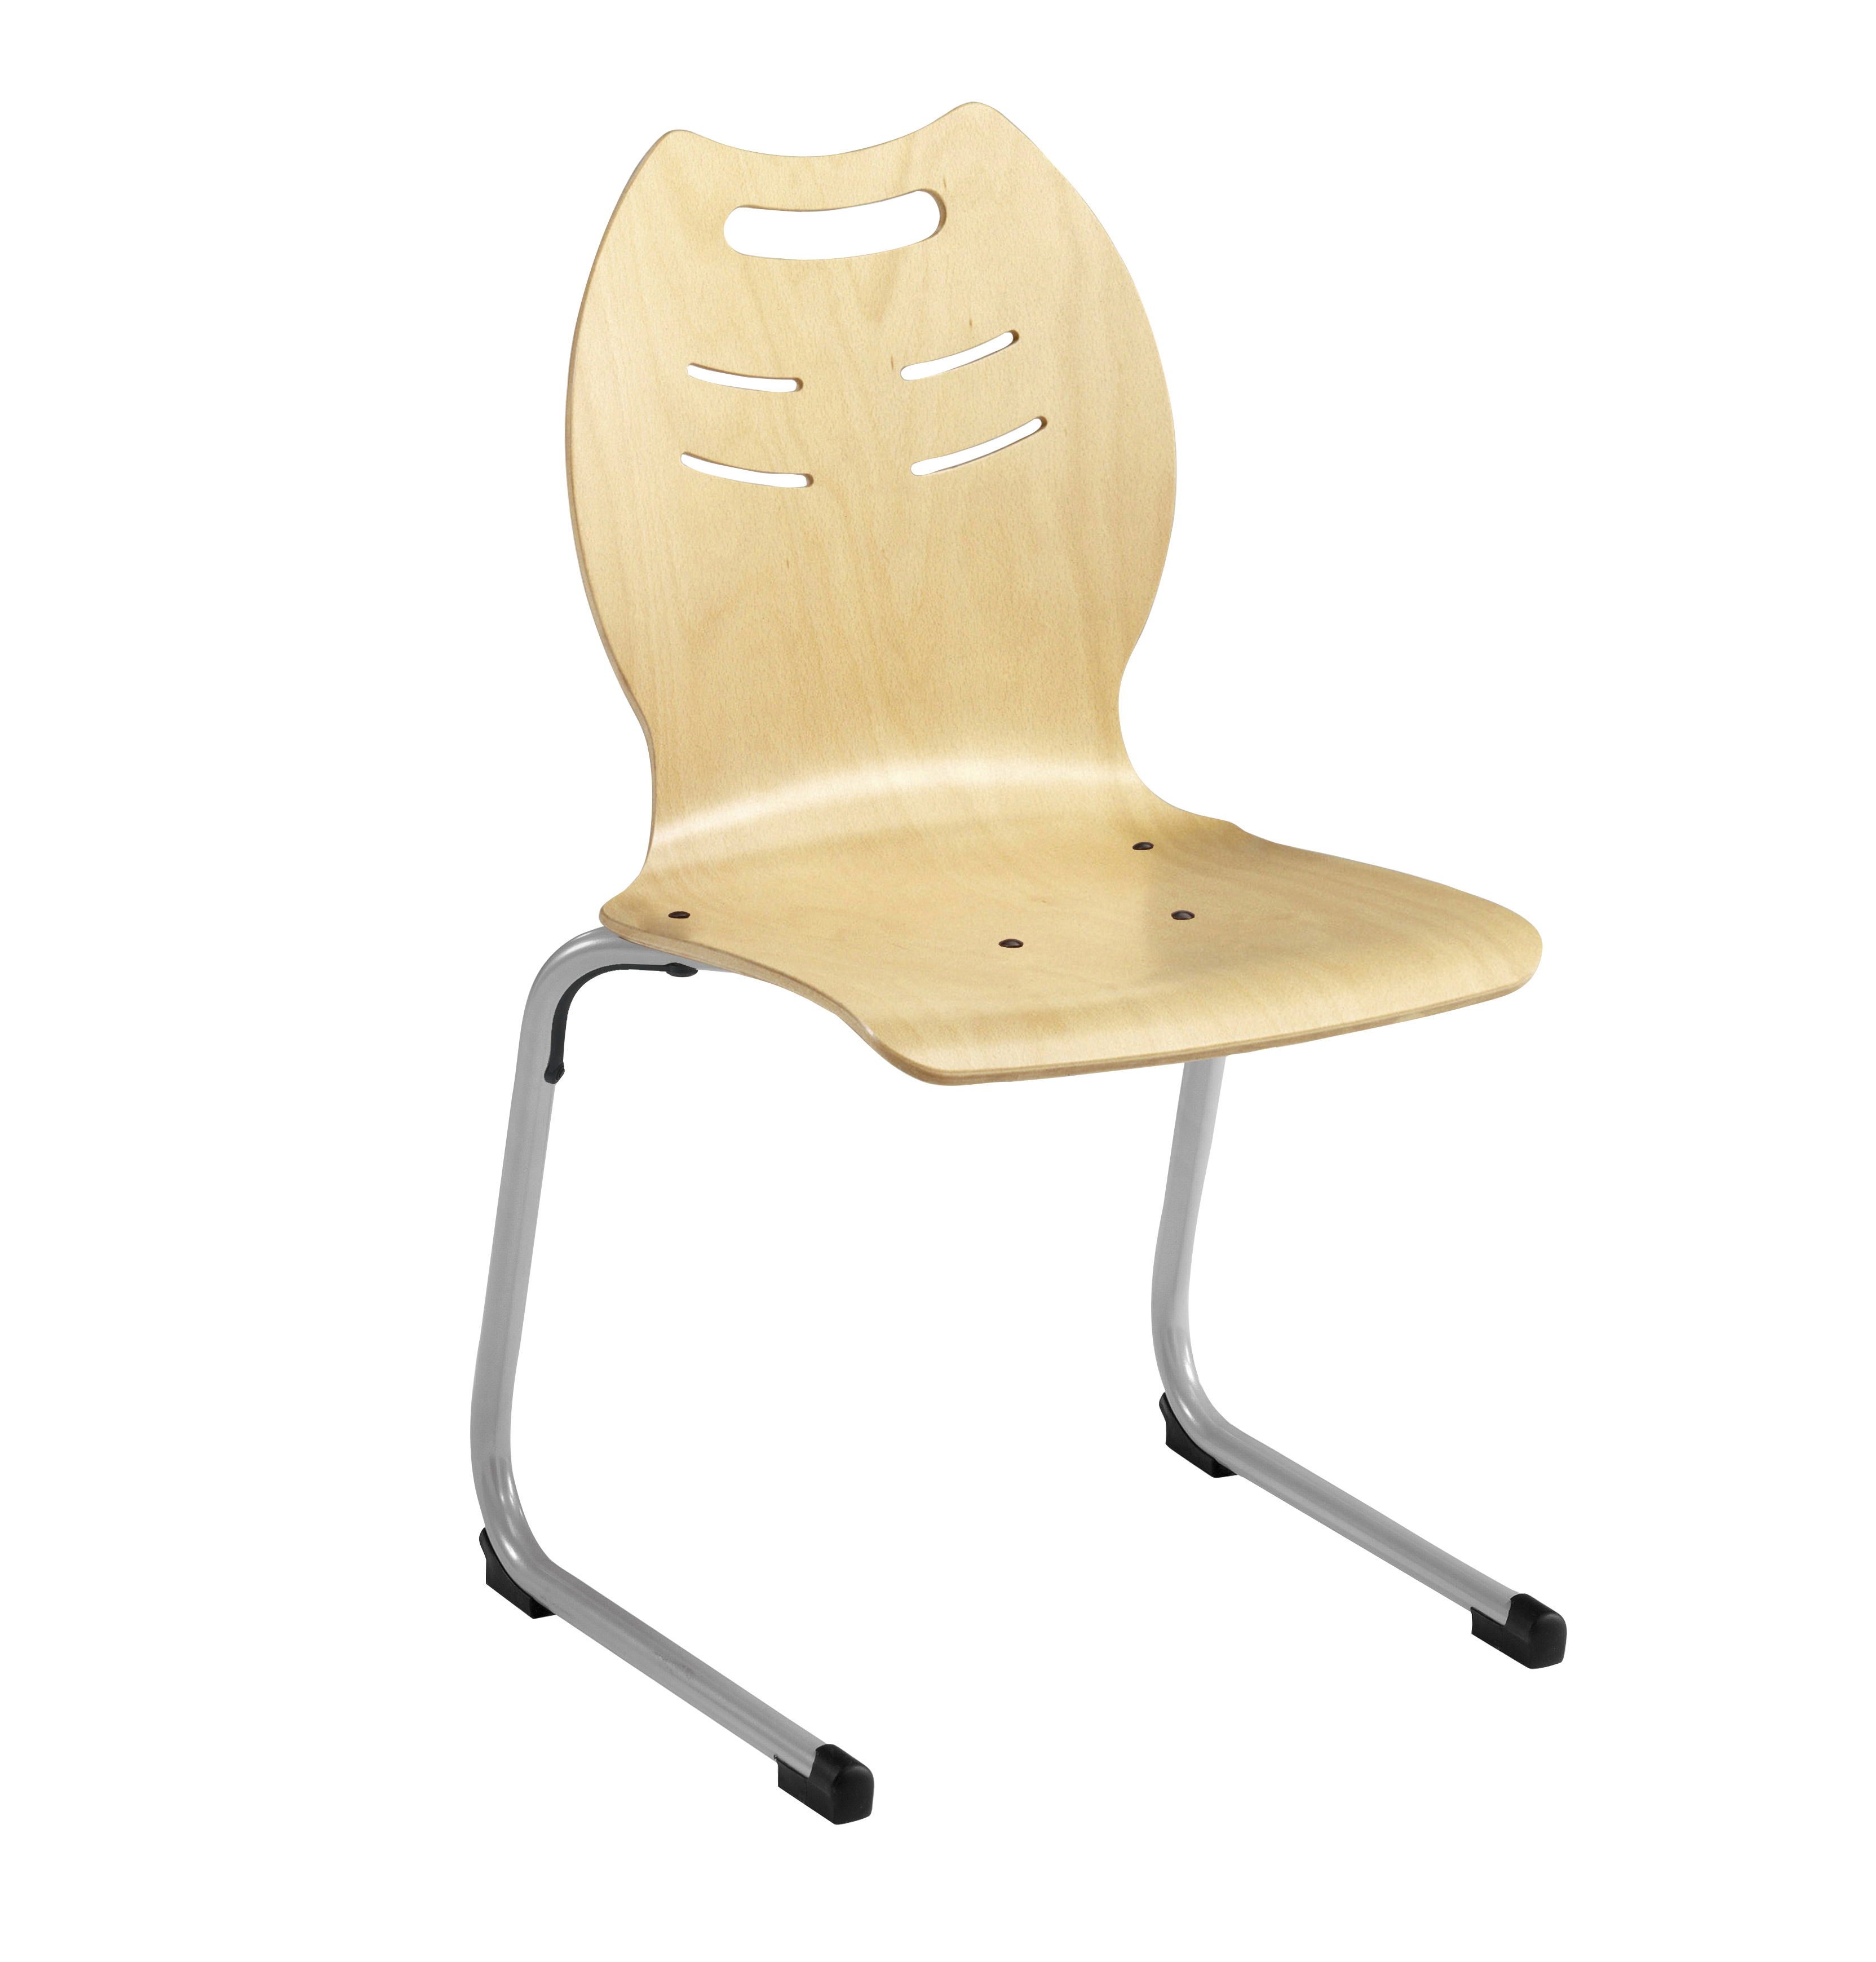 Chaise coque bois ast acier 25 simire for Chaise acier